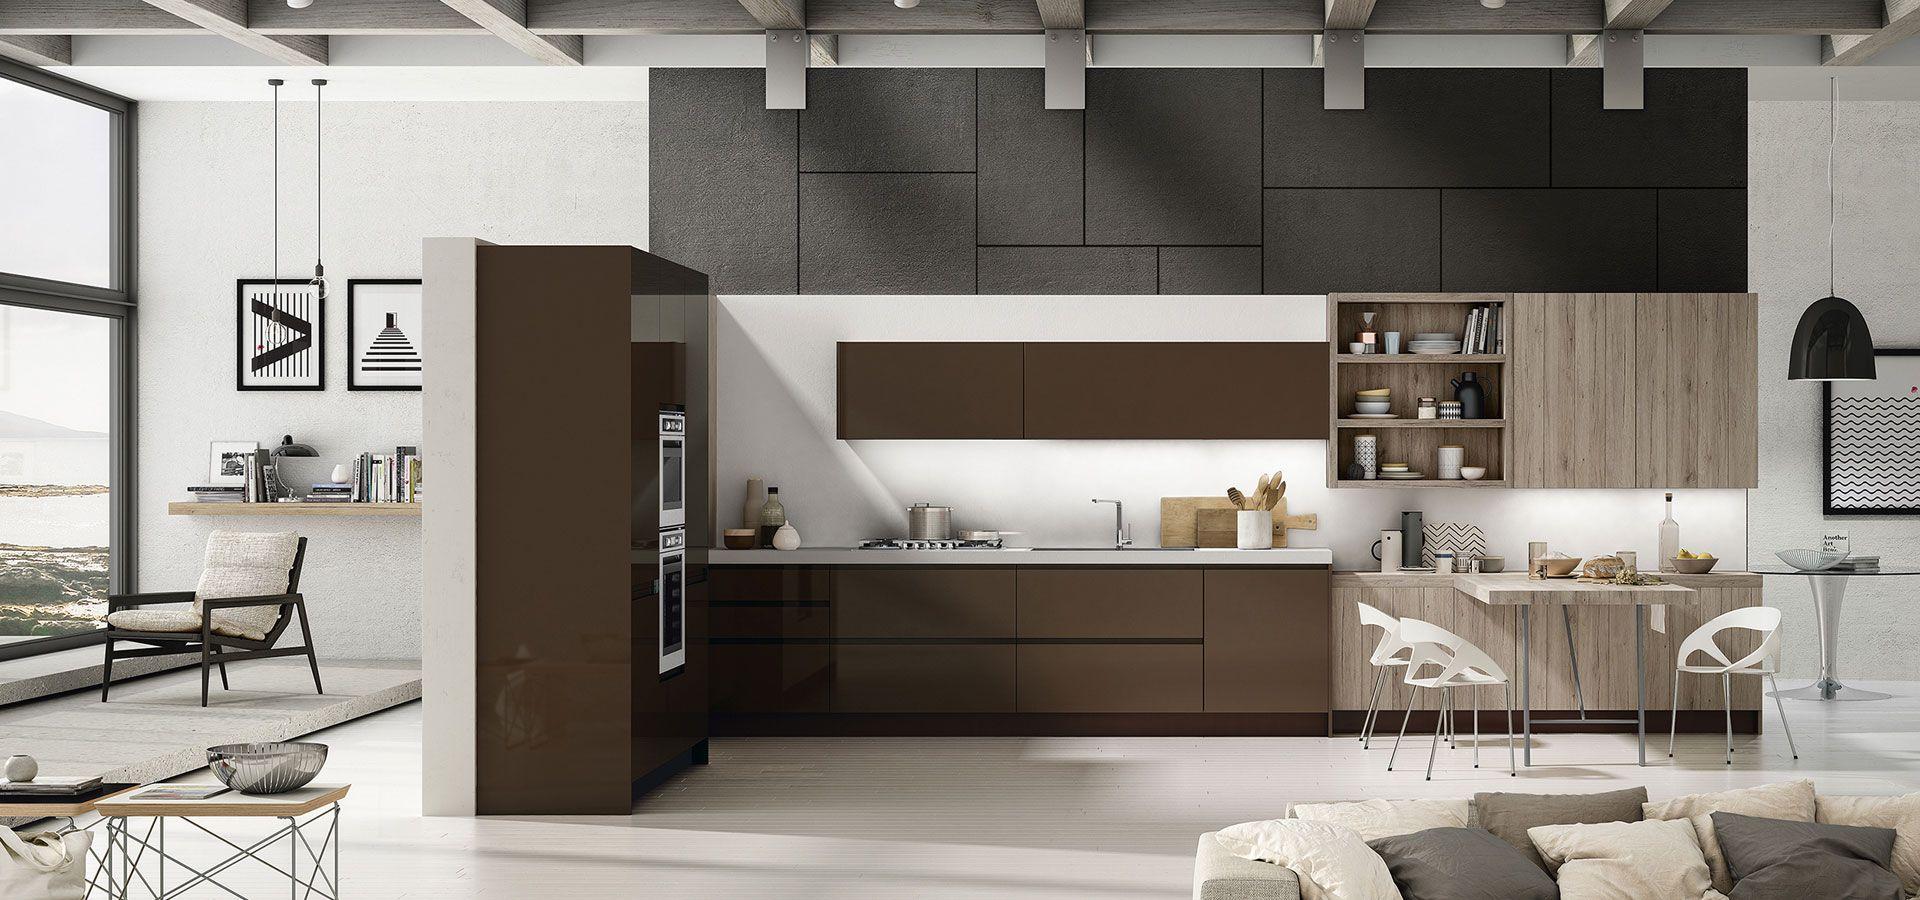 Cucina Componibile di Design Personalizzata - Wega - Arredo3 ...